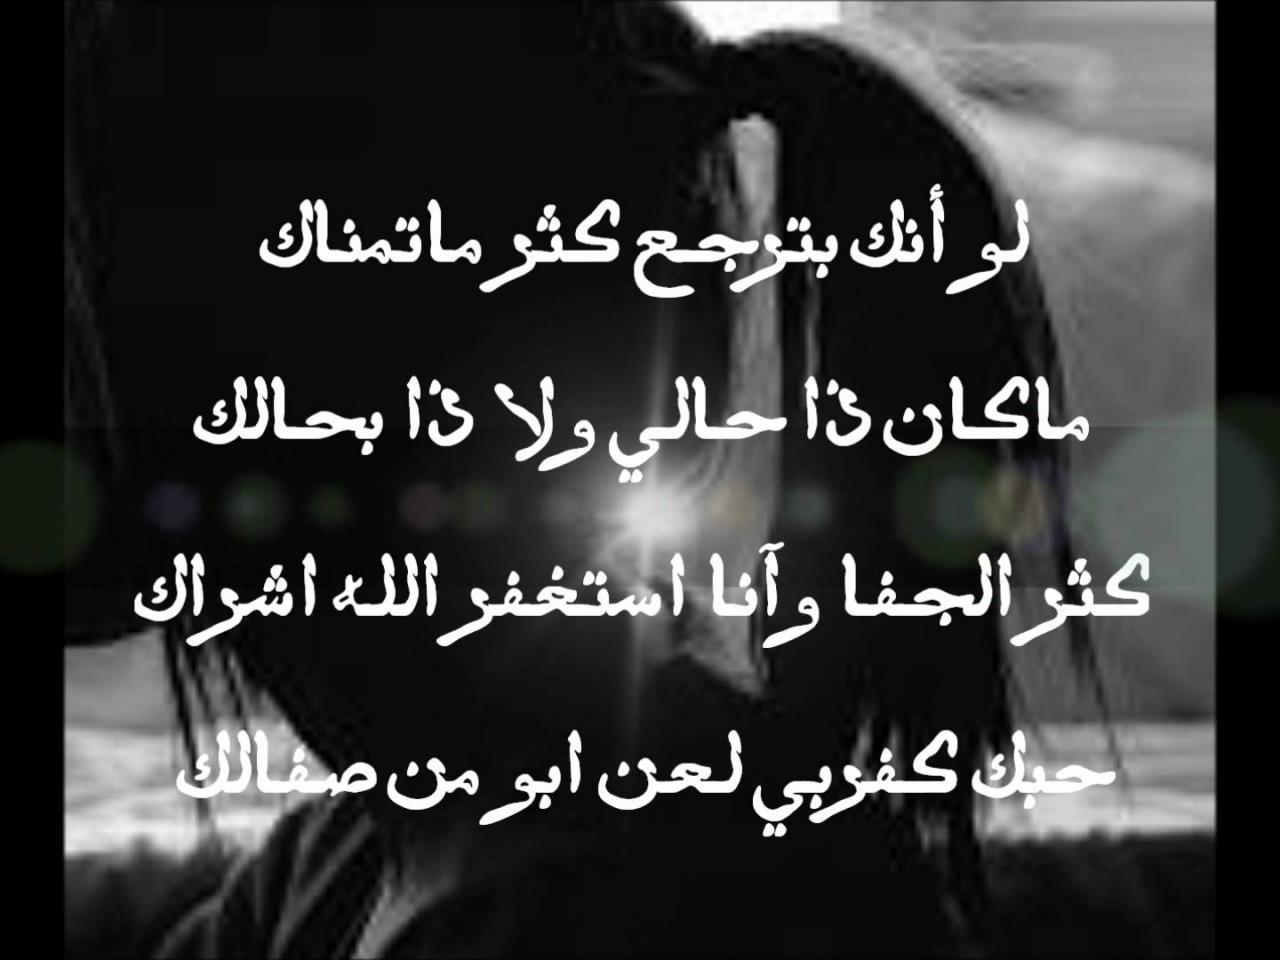 صورة اشعار حب حزينة , قلبي حزين اوي 4417 4